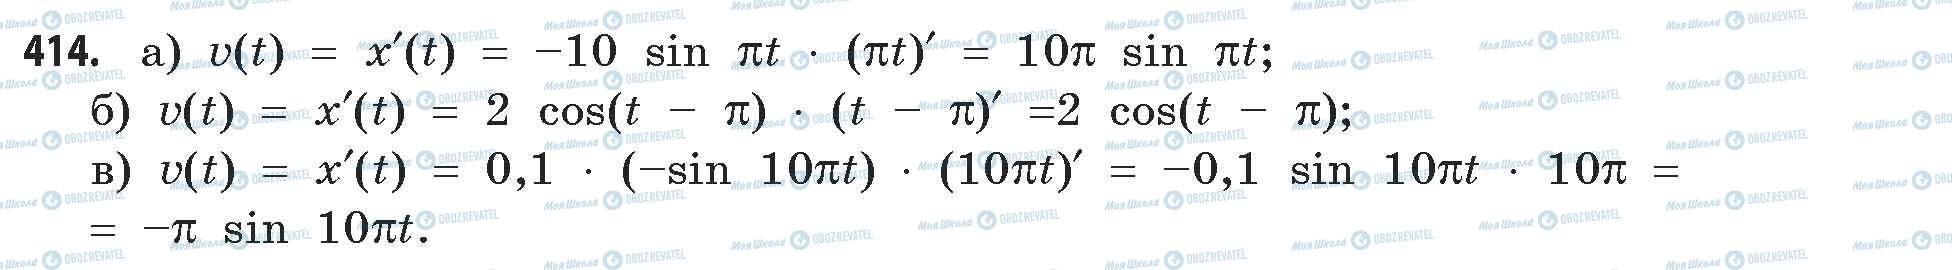 ГДЗ Математика 11 класс страница 414